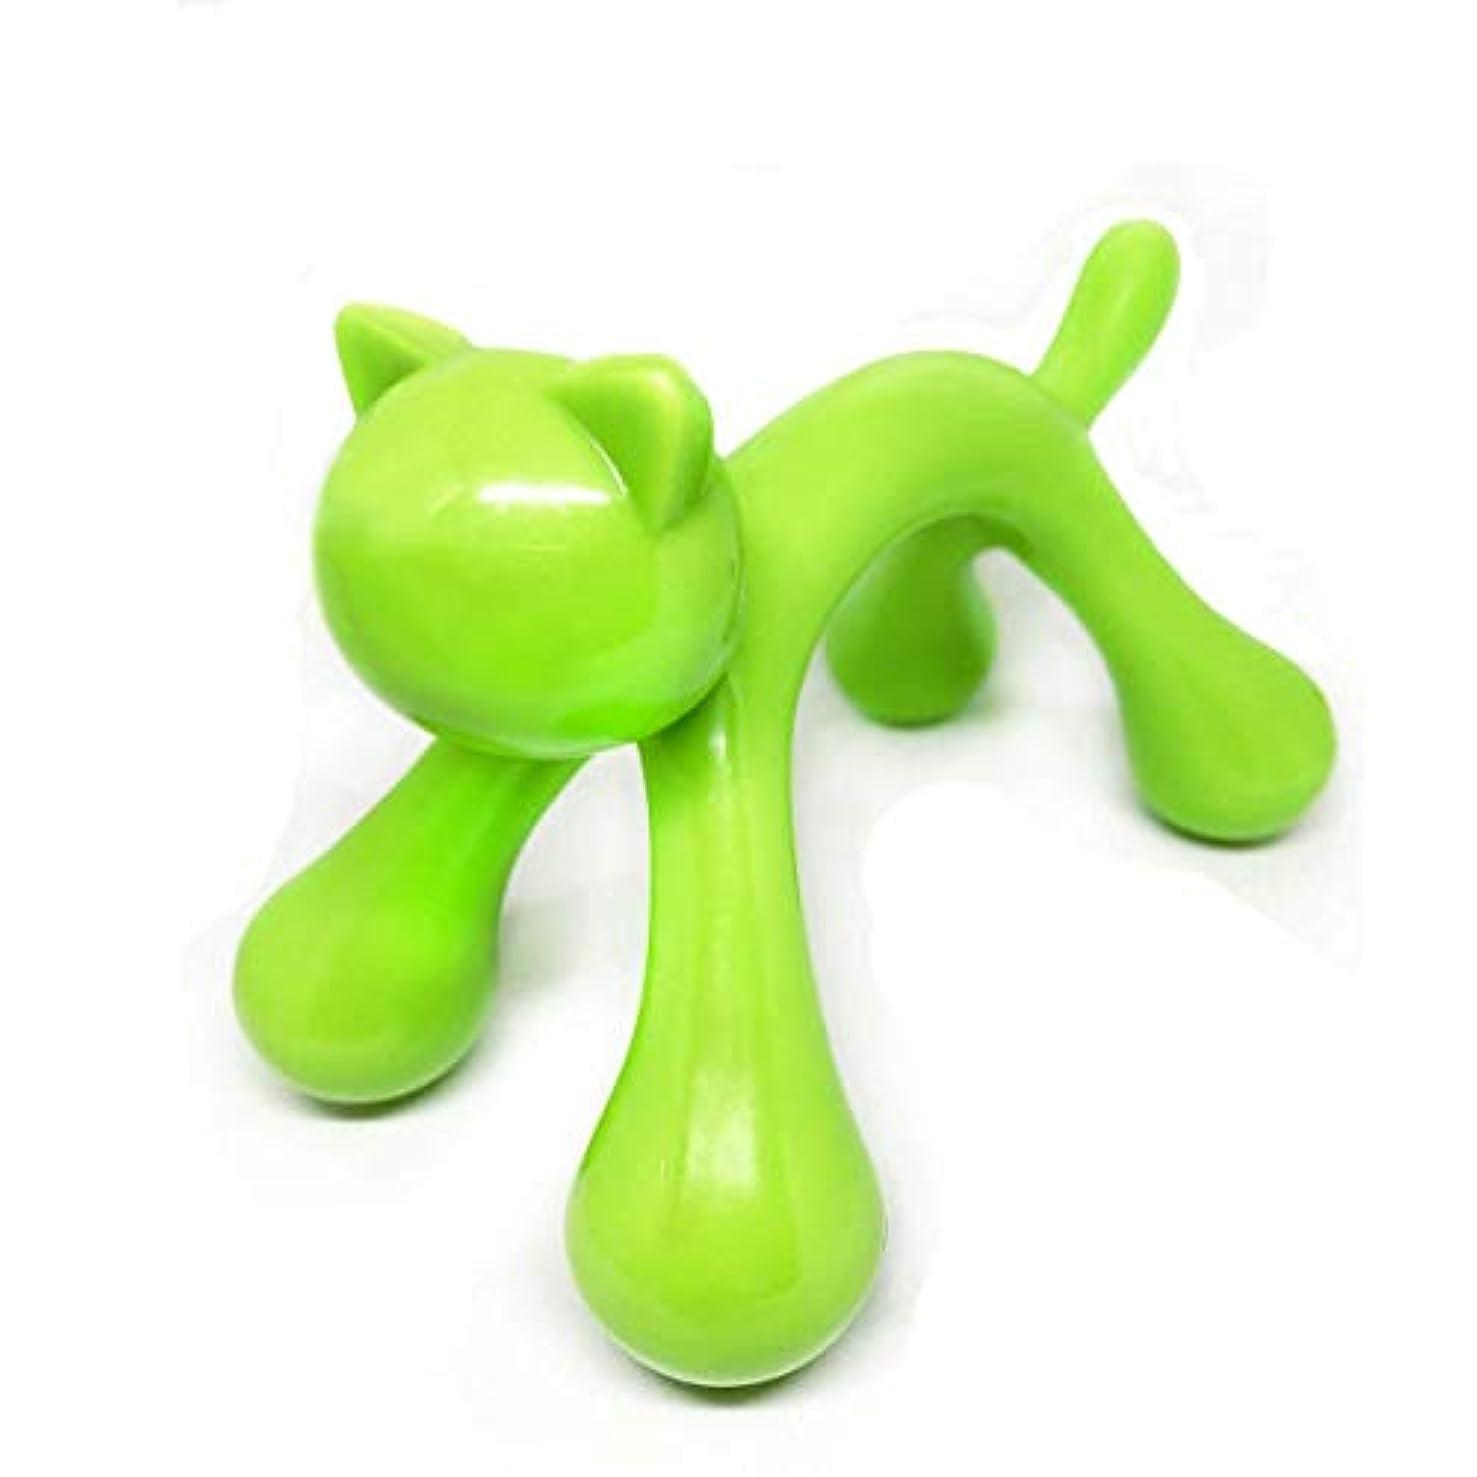 放課後パンフレット最初にSimg マッサージ棒 ツボ押しマッサージ台 握りタイプ 背中 ウッド 疲労回復 ハンド 背中 首 肩こり解消 可愛いネコ型 (グリーン)